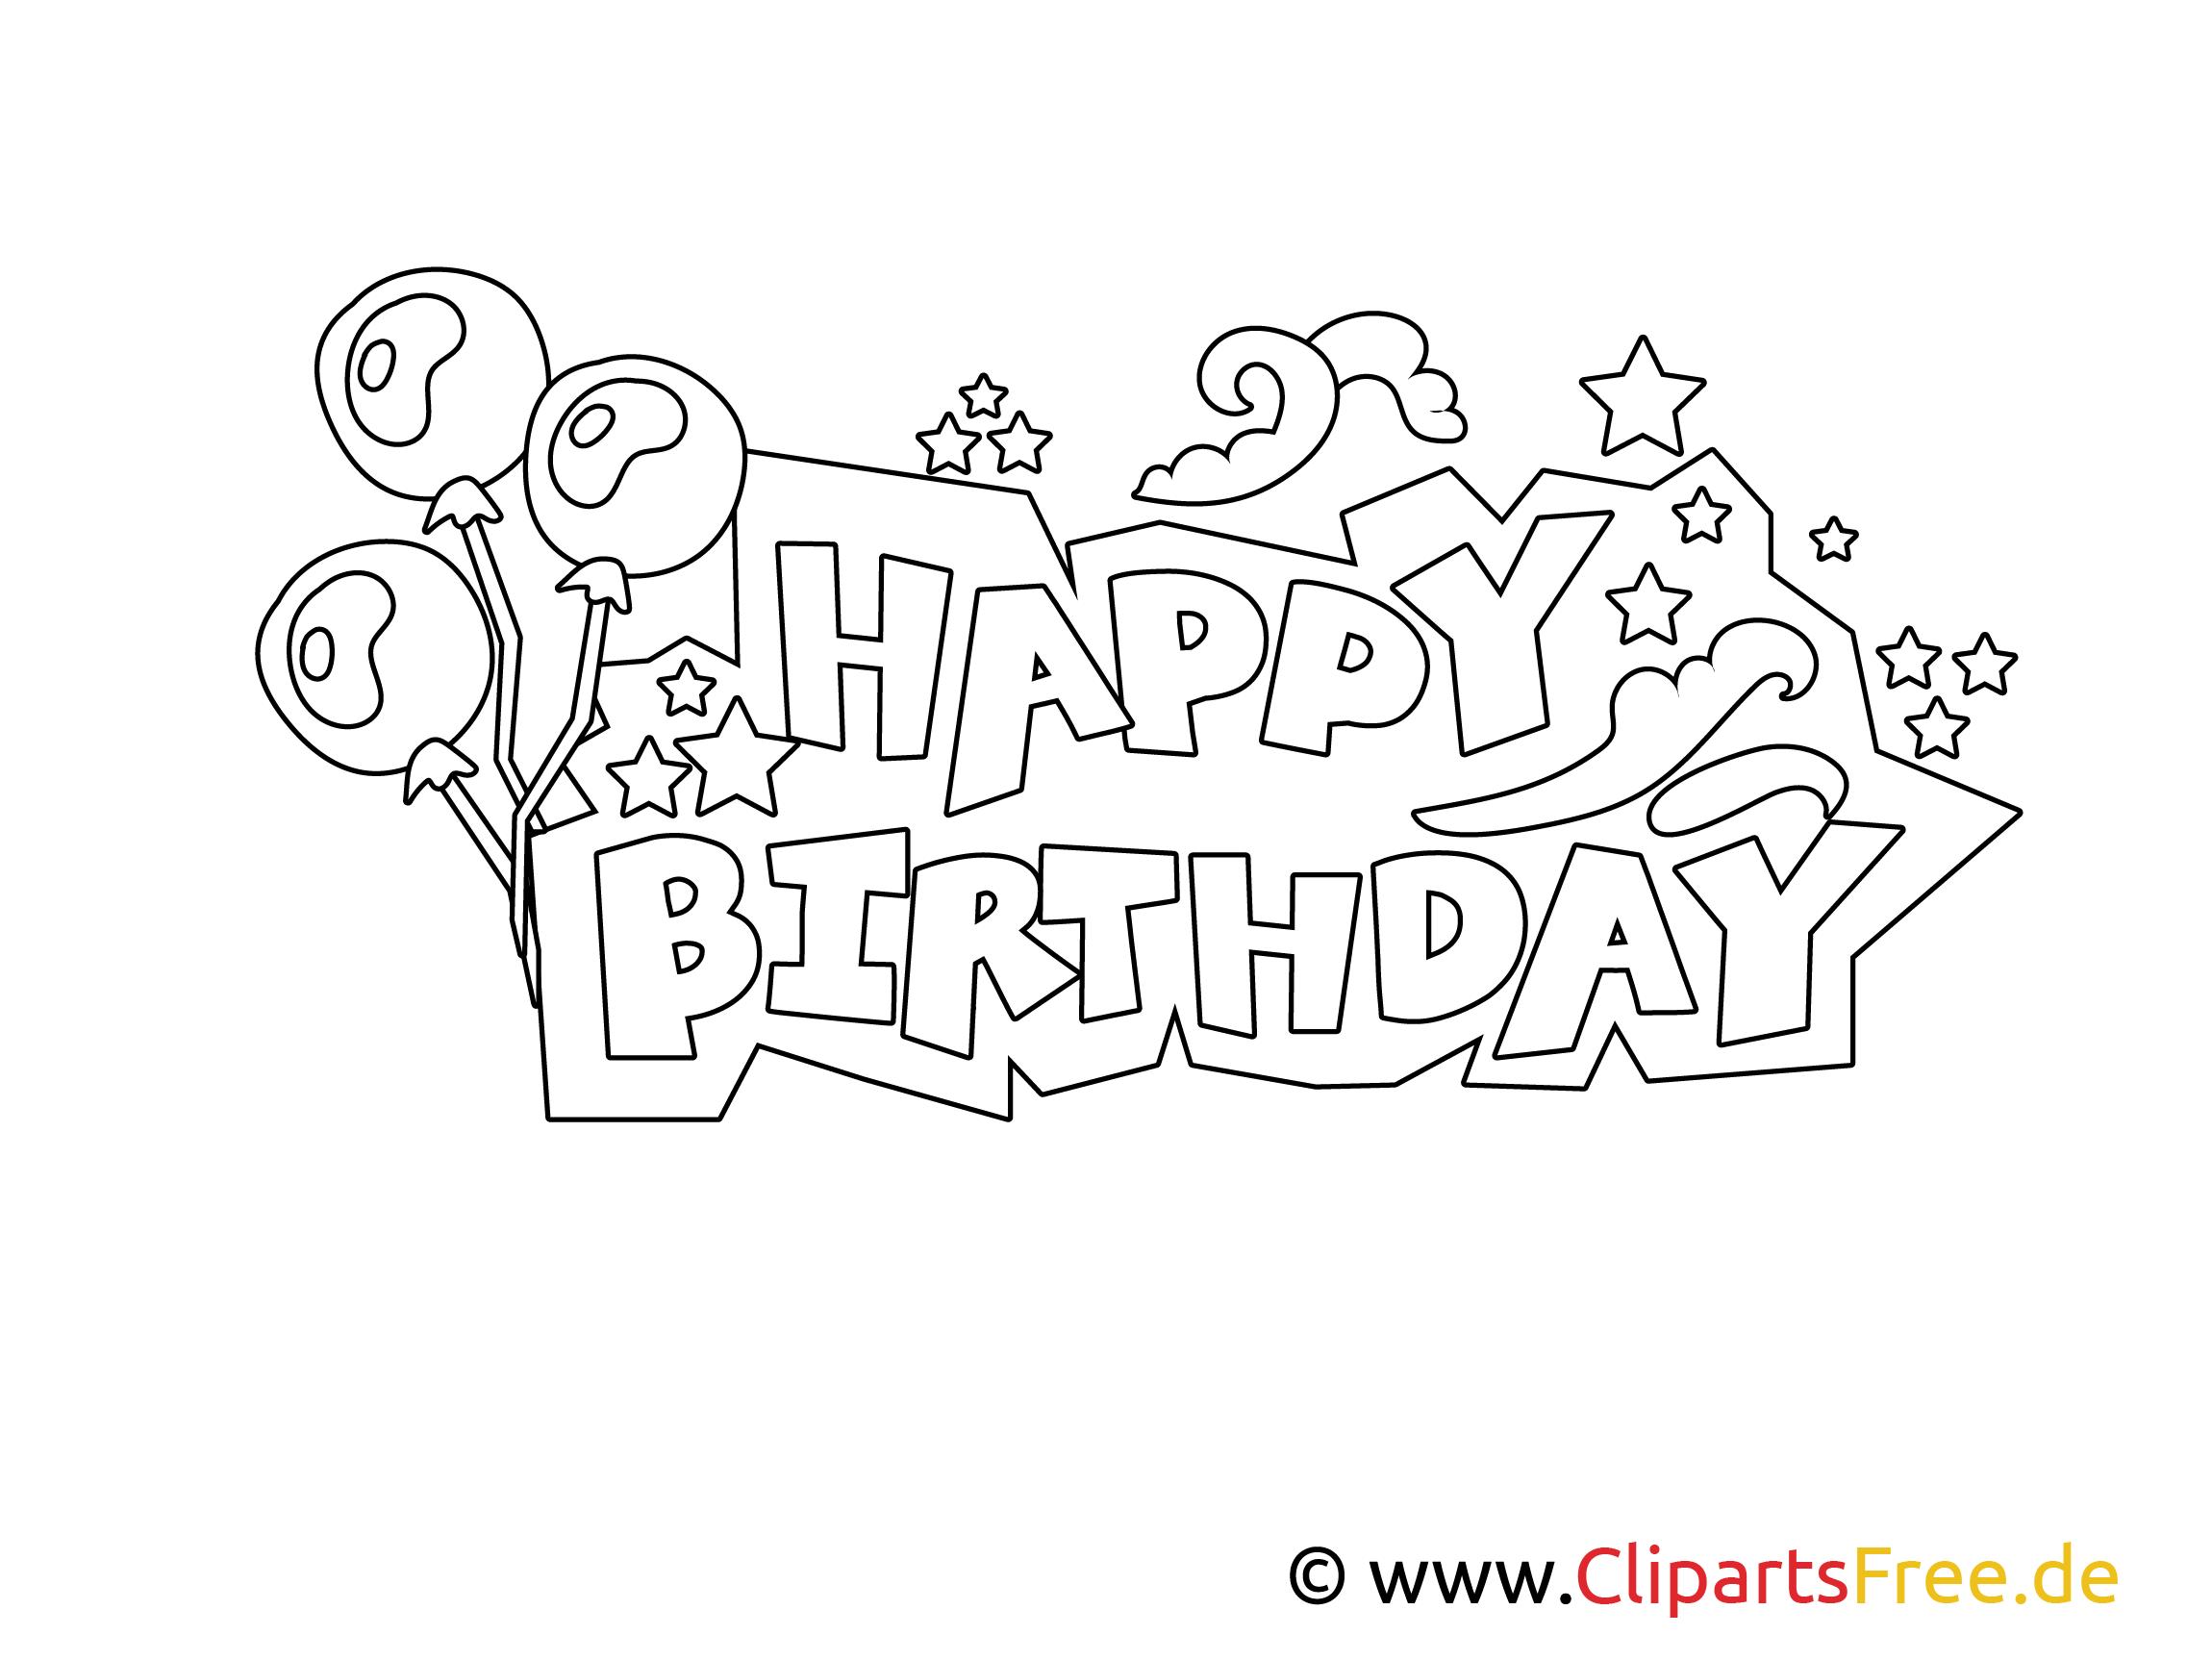 Happy Birthday Malvorlagen Ausdrucken  Coloring and Malvorlagan